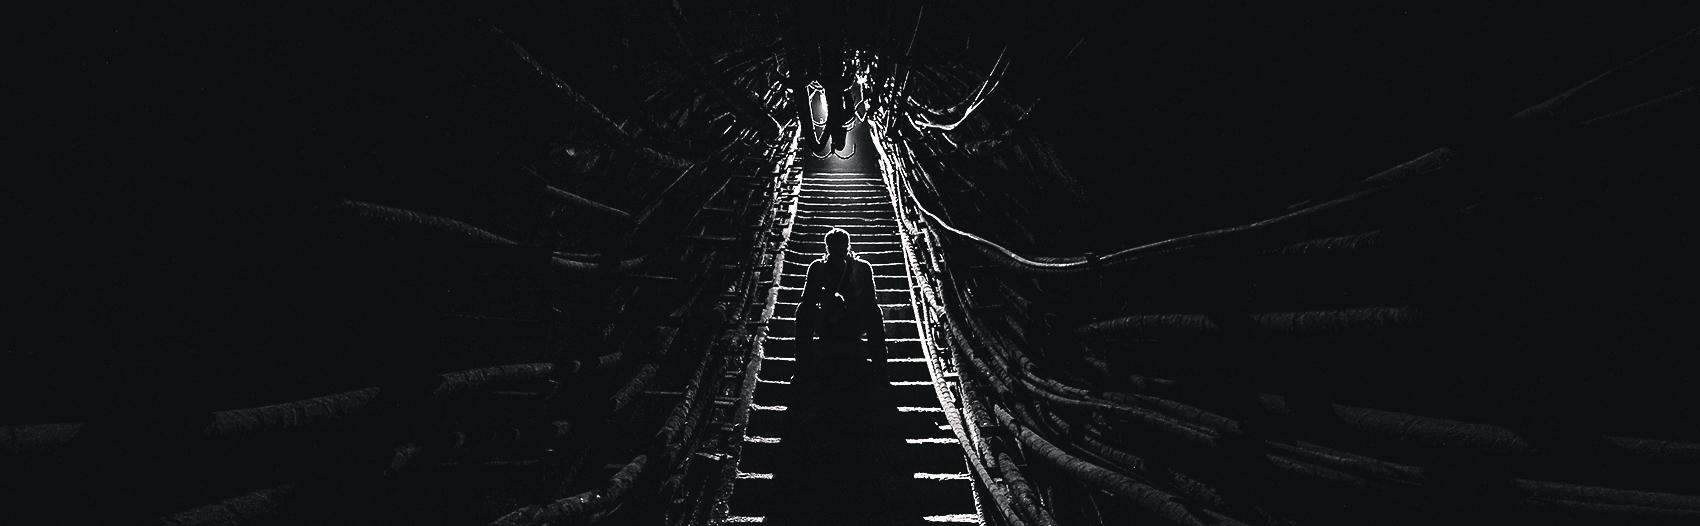 В Поисках Неизвестного  | Unexplored World